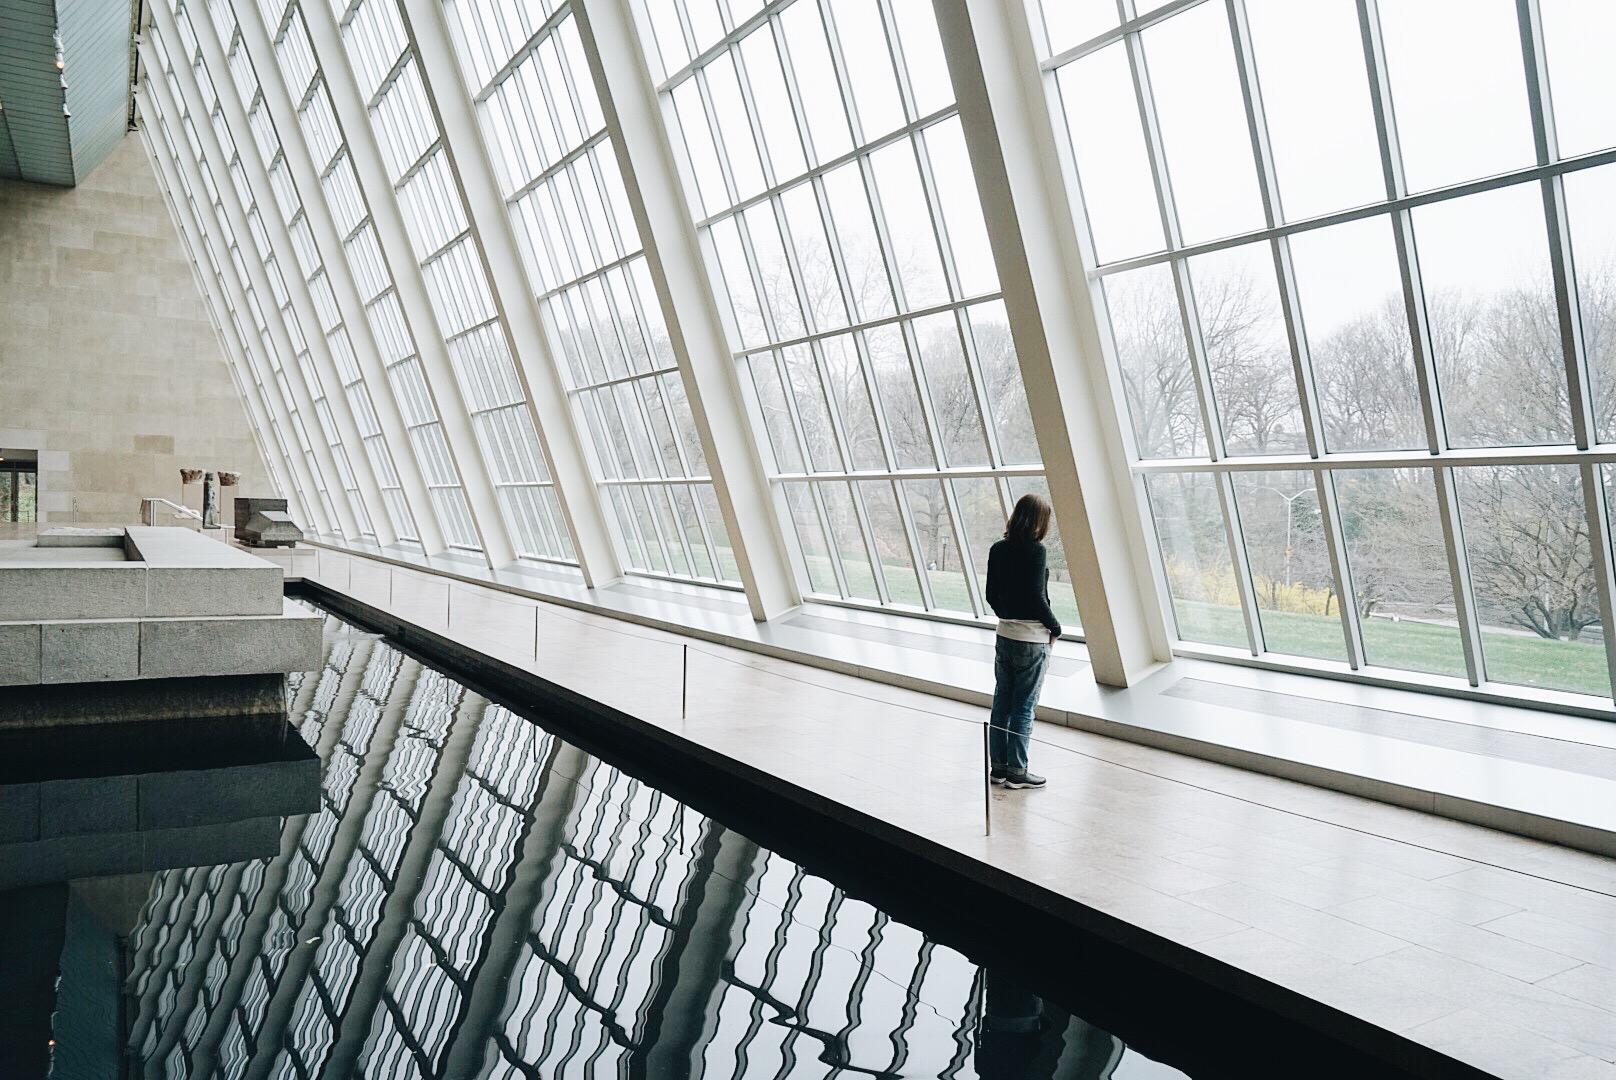 Empty Met Museum of New York